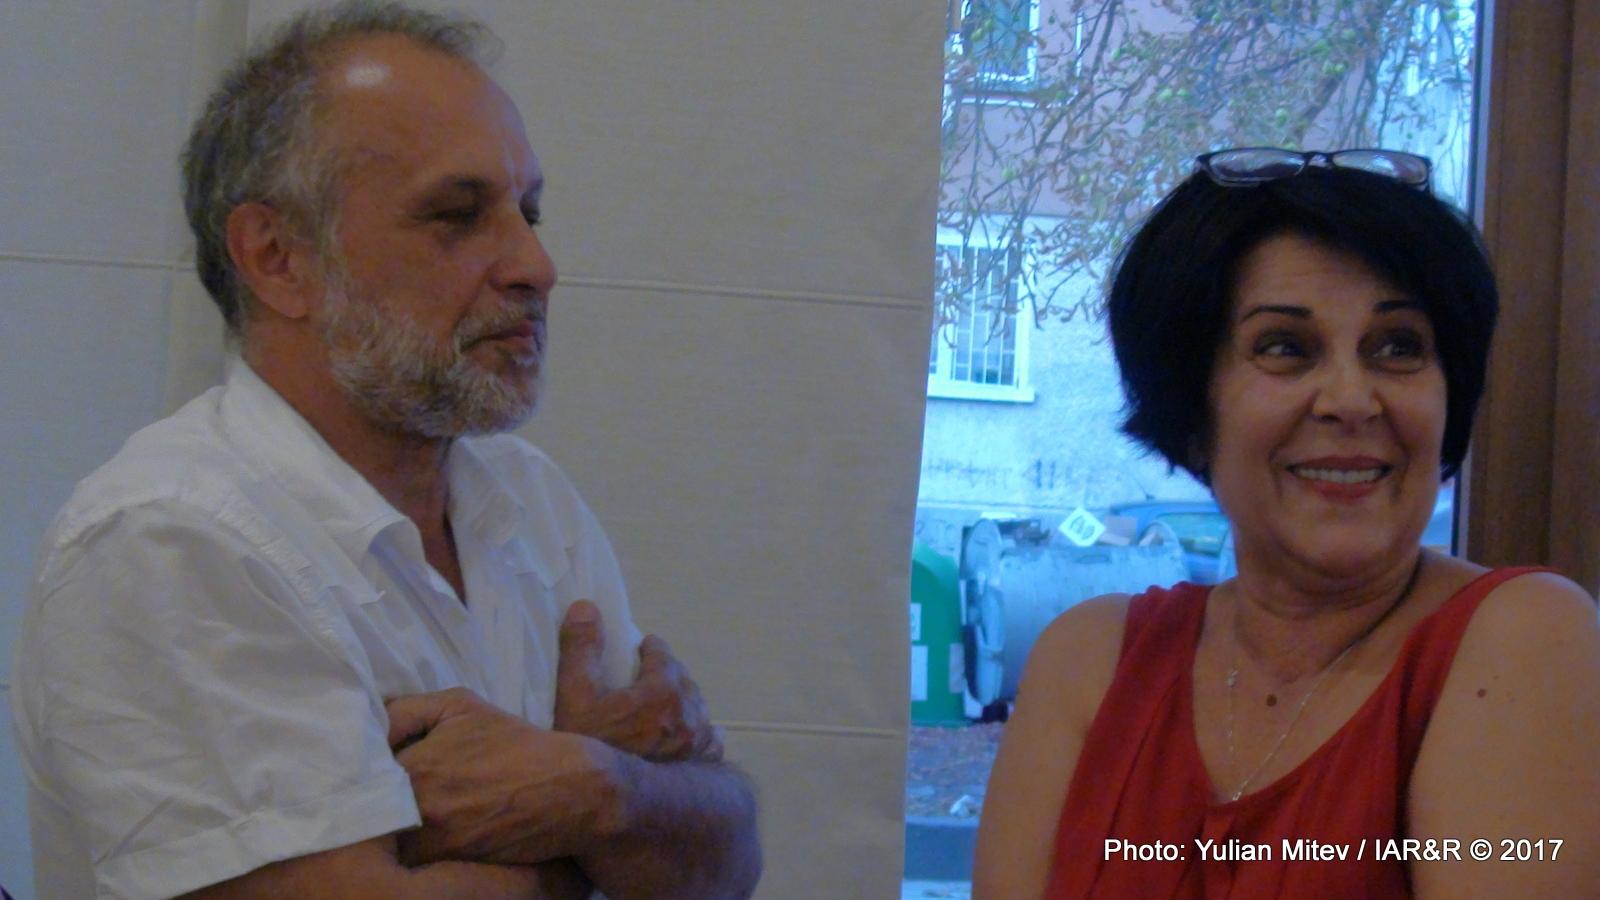 От ляво на дясно: Филип Зидаров (изкуствовед) и Росица Доганджиева (галерист). Филип Зидаров и публиката, събрала се по време на откриване на изложбата Monkey Times, поздравиха галеристката с нейния рожден ден